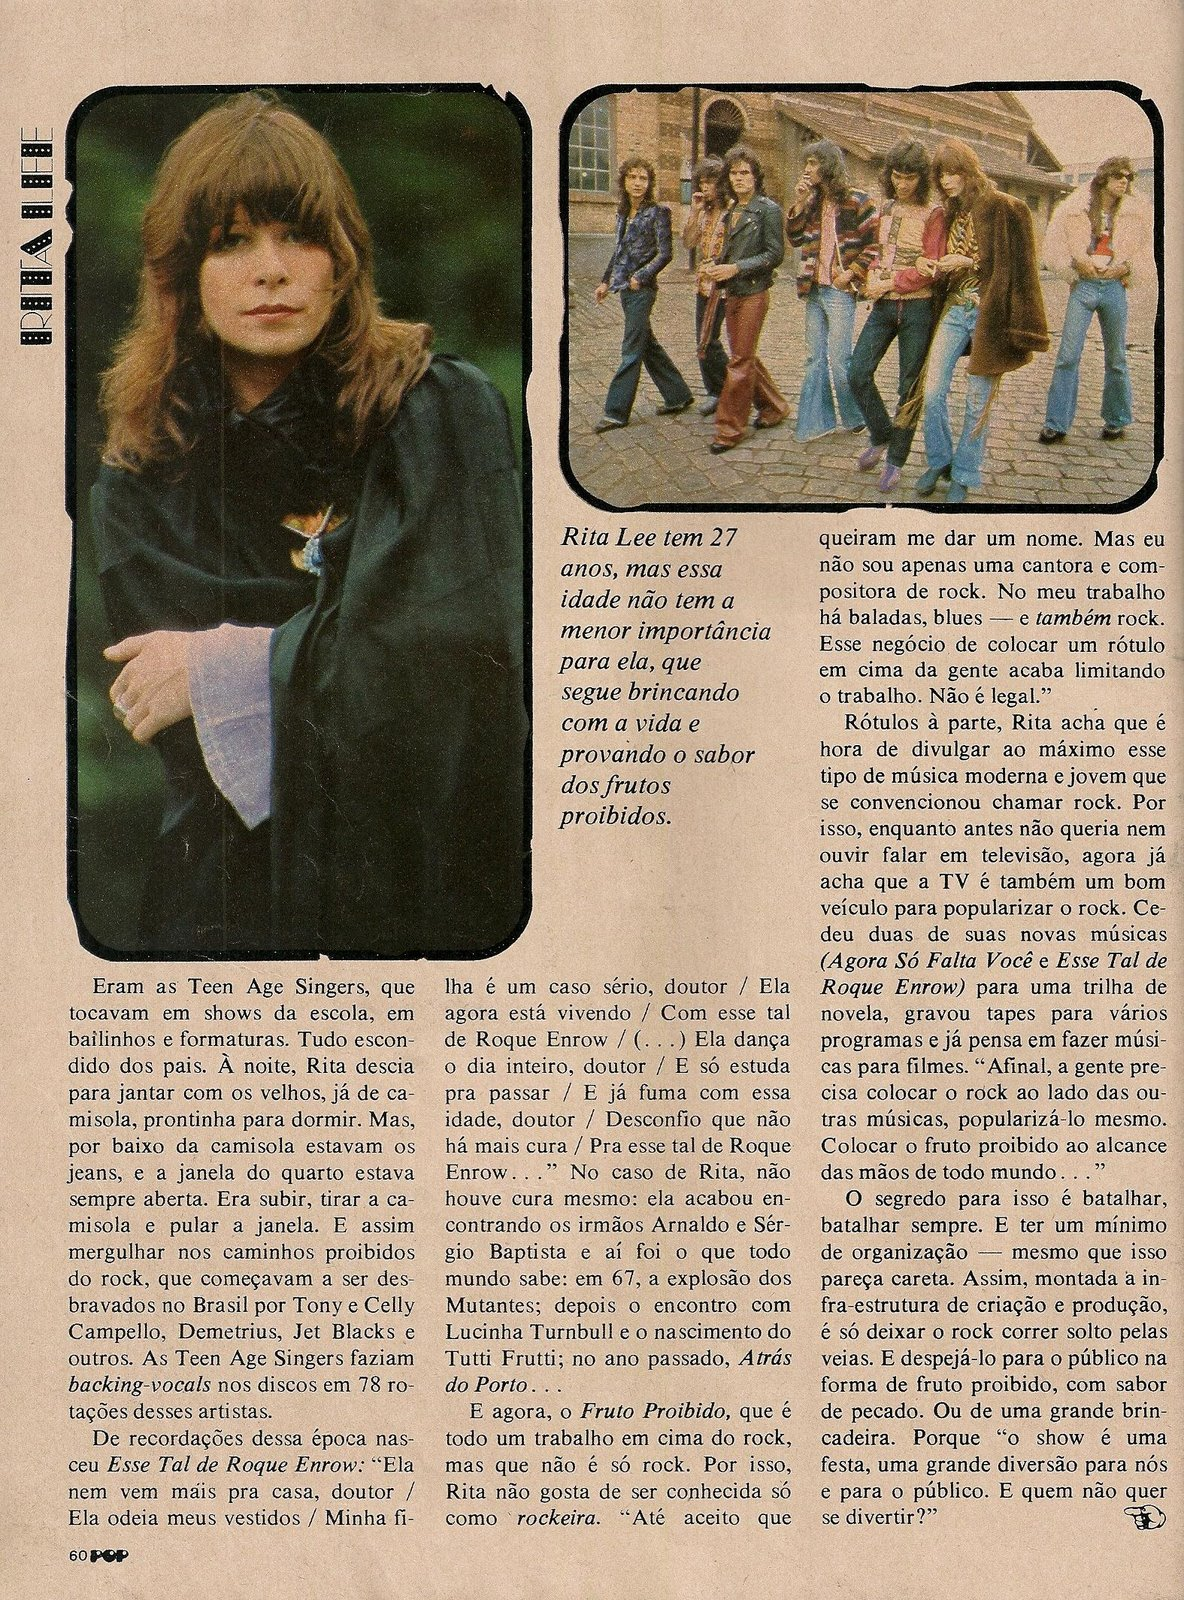 http://2.bp.blogspot.com/-LgE9Tf5m2Po/TaiSXlWODRI/AAAAAAAAASg/xrNVkiU6YA4/s1600/RITA+LEE+EUSO+QUERO+BRINCAR+COM+A+SUA+BEBE%25C3%2587A+1975+A.JPG